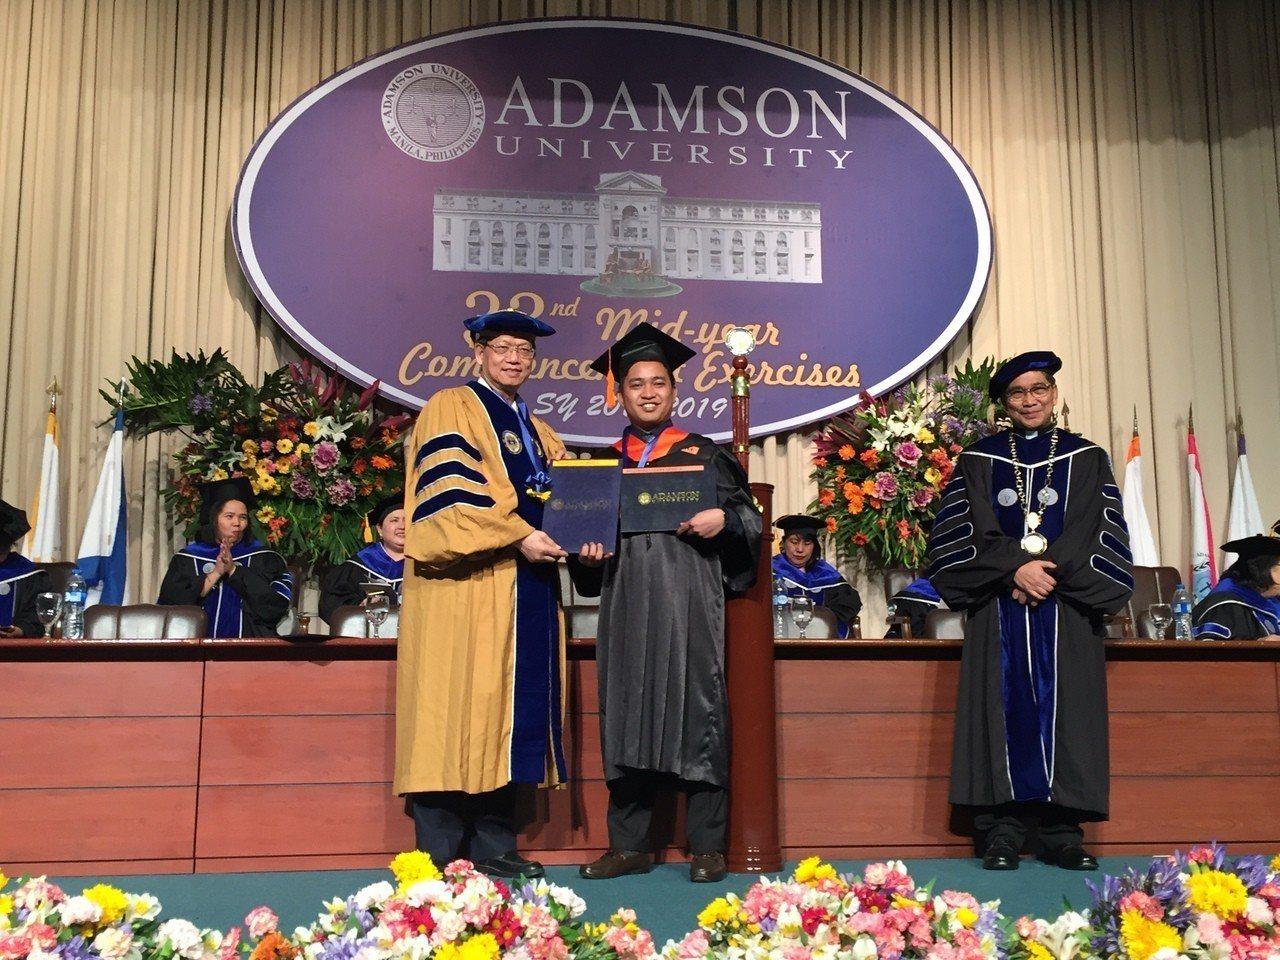 明新科技大學與菲律賓亞當森大學跨國合作雙聯學位,兩校雙聯學制首批學生共15位學生...